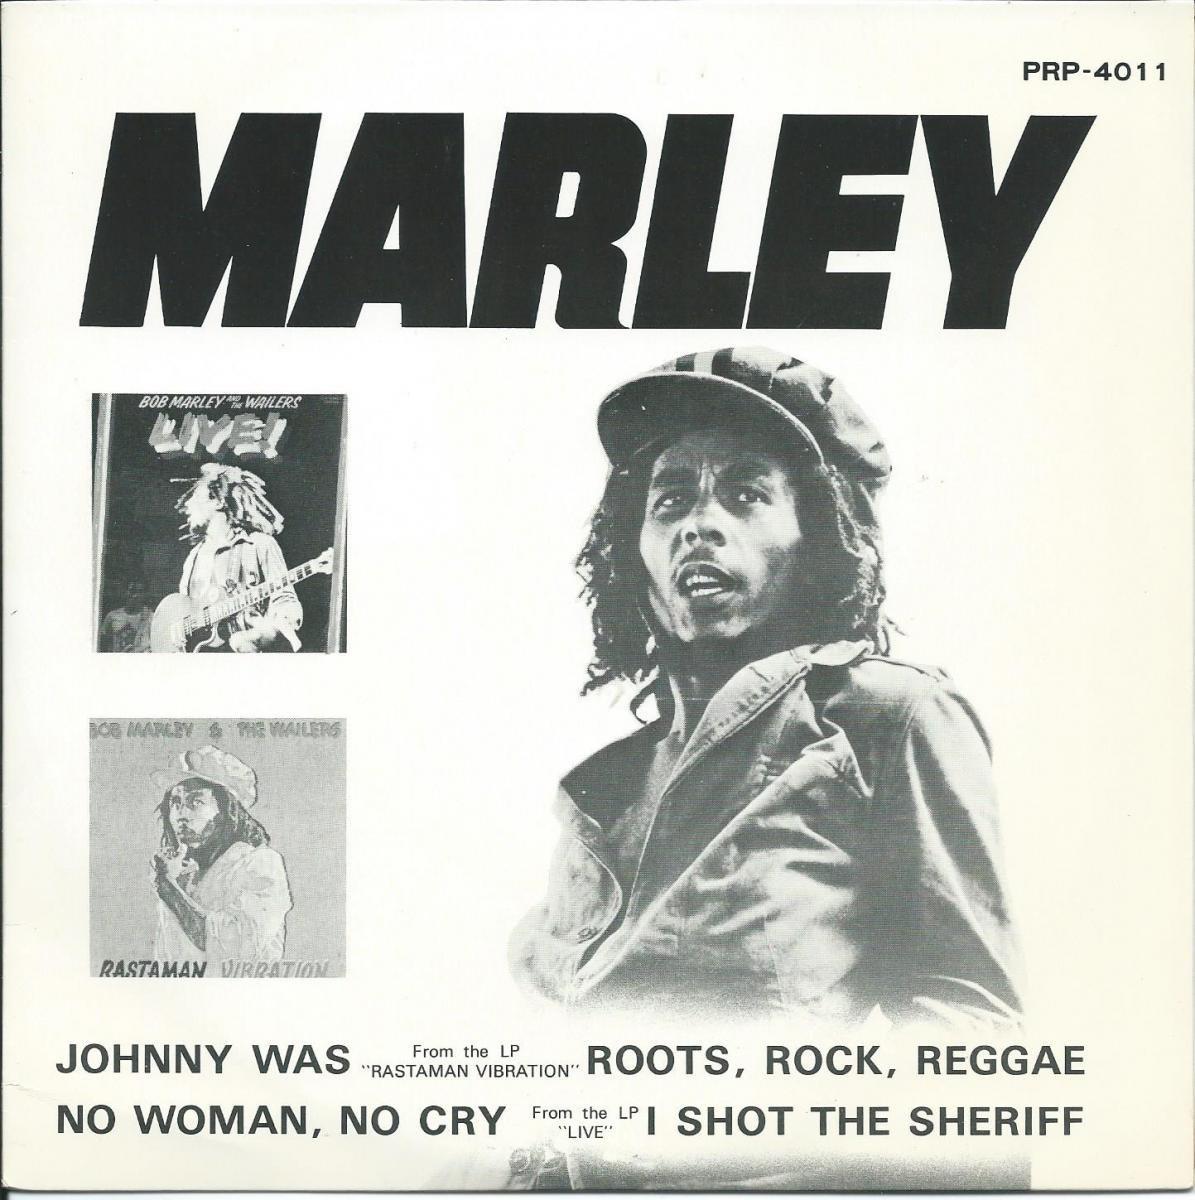 ボブ・マーリィとウェイラーズ BOB MARLEY AND WAILERS / ジョニー・ワズ JOHNNY WAS / ノー・ウーマン・ノー・クライ (7